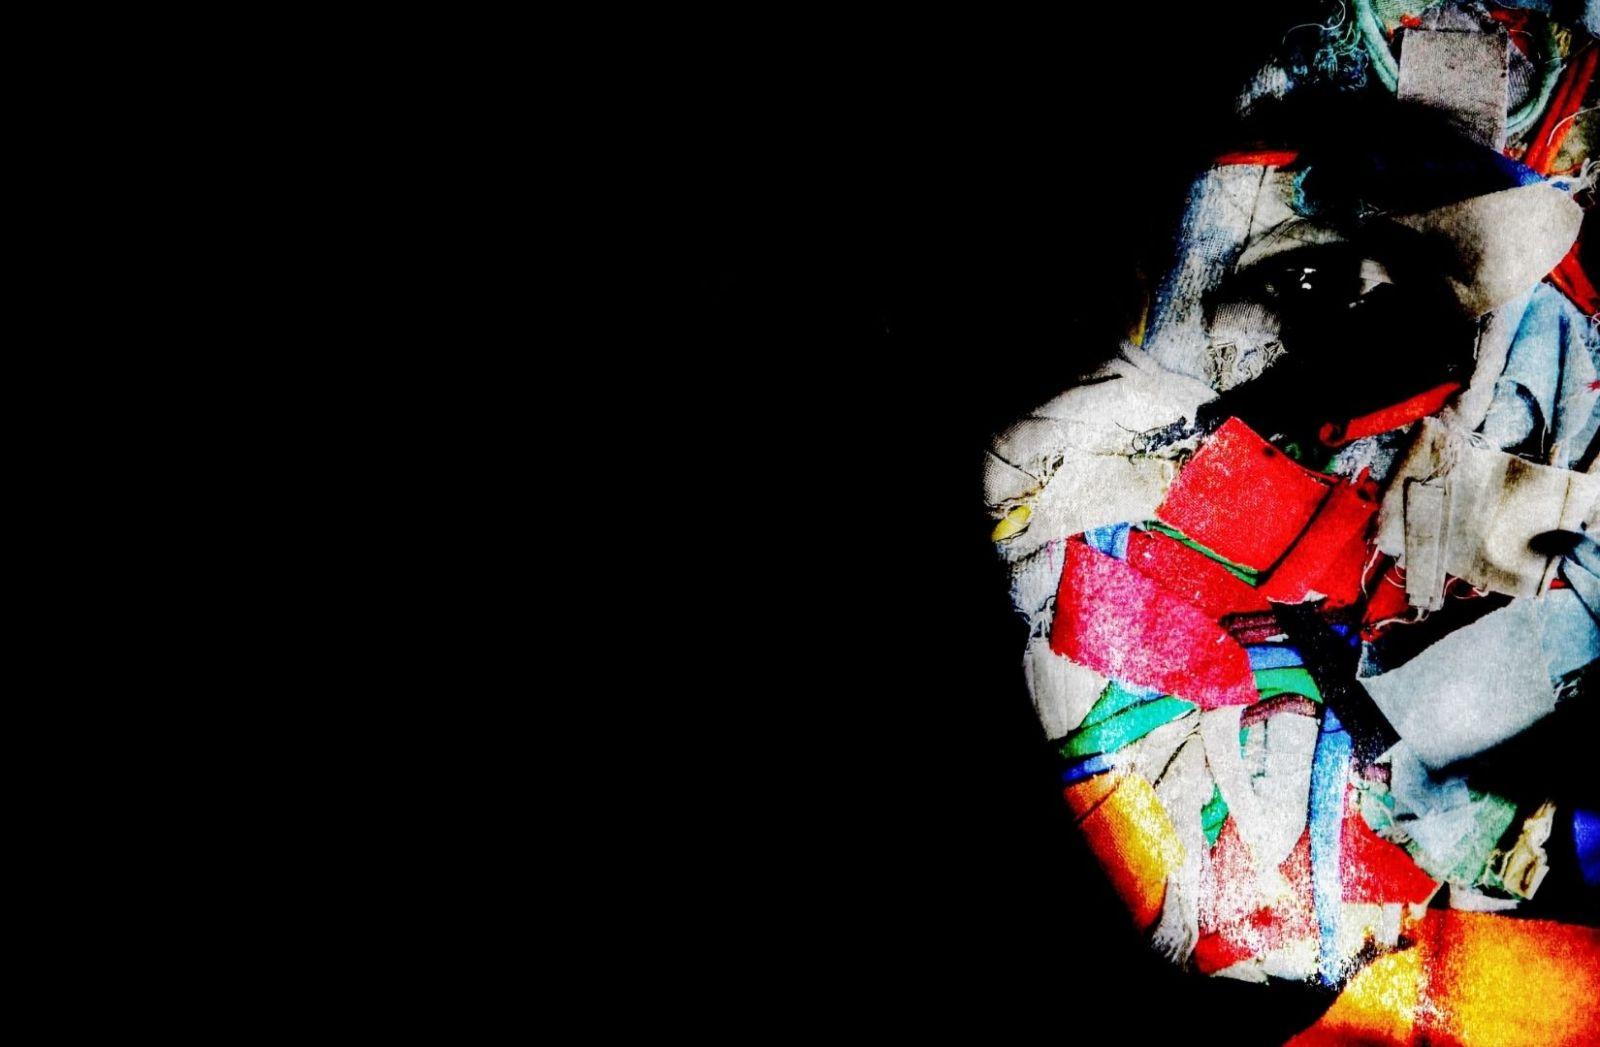 Atomisierung bis ins Detail. (Foto: Danilo Batista, Unsplash.com)